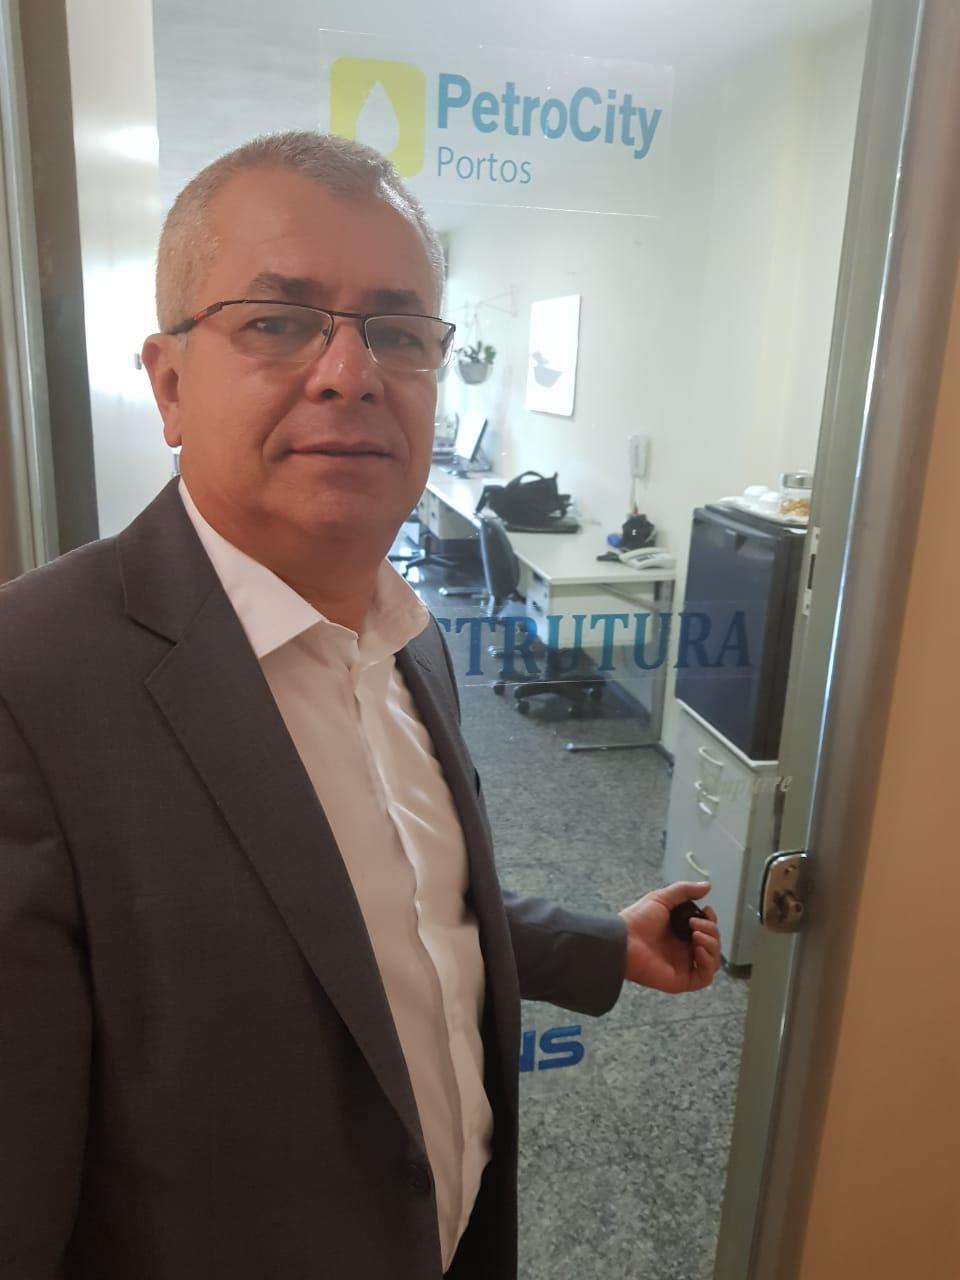 - José Roberto Barbosa da Silva - presidente da Petrocity